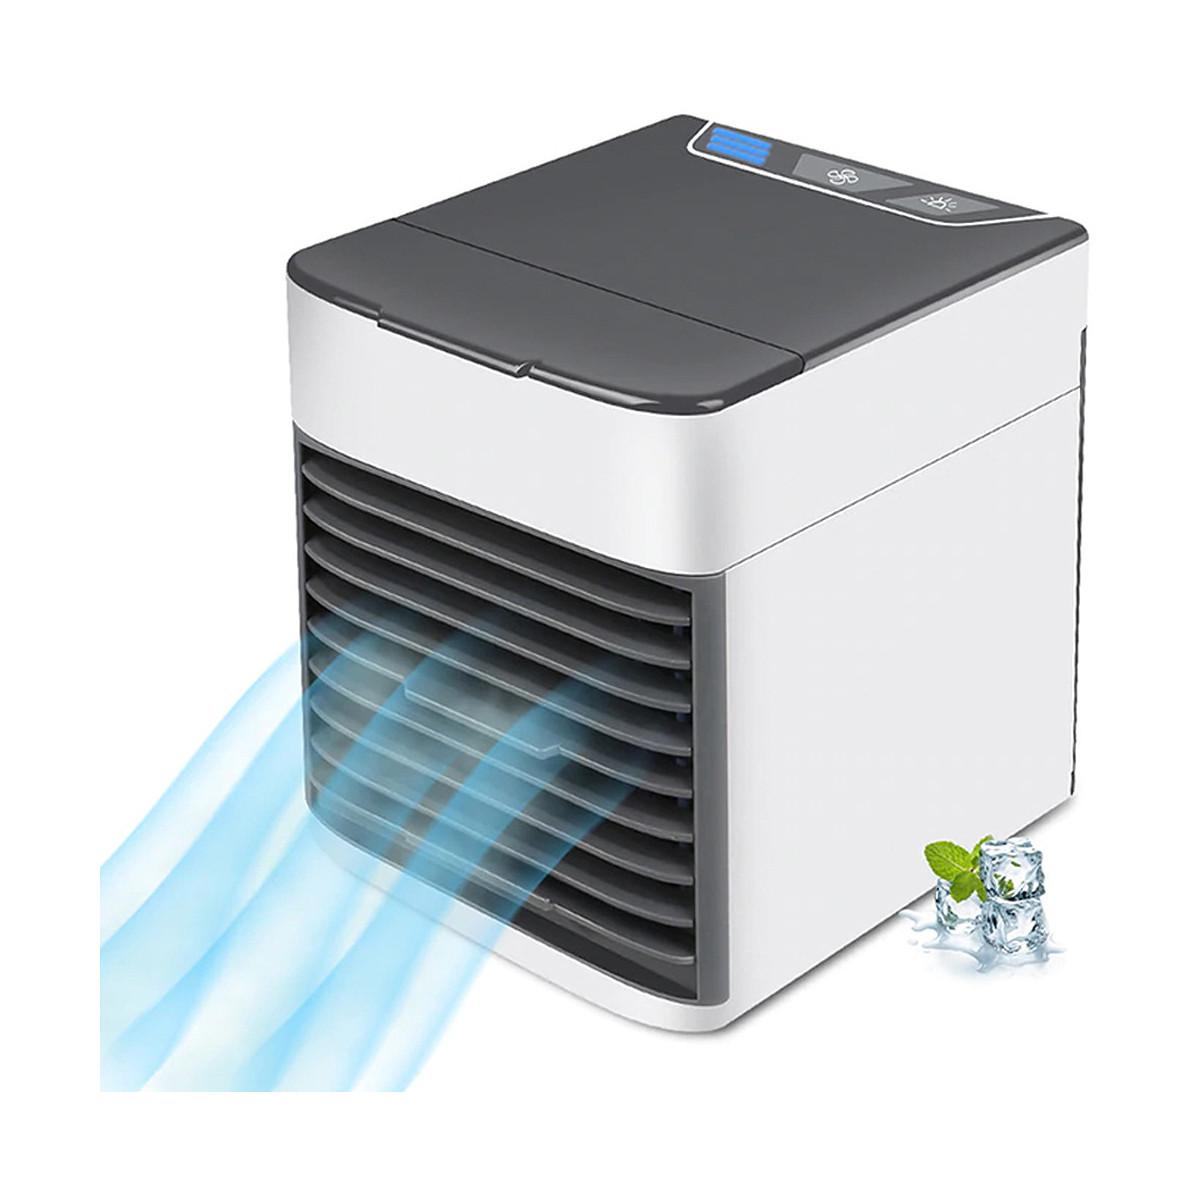 Przenośny klimatyzator AIR COOLER 3w1